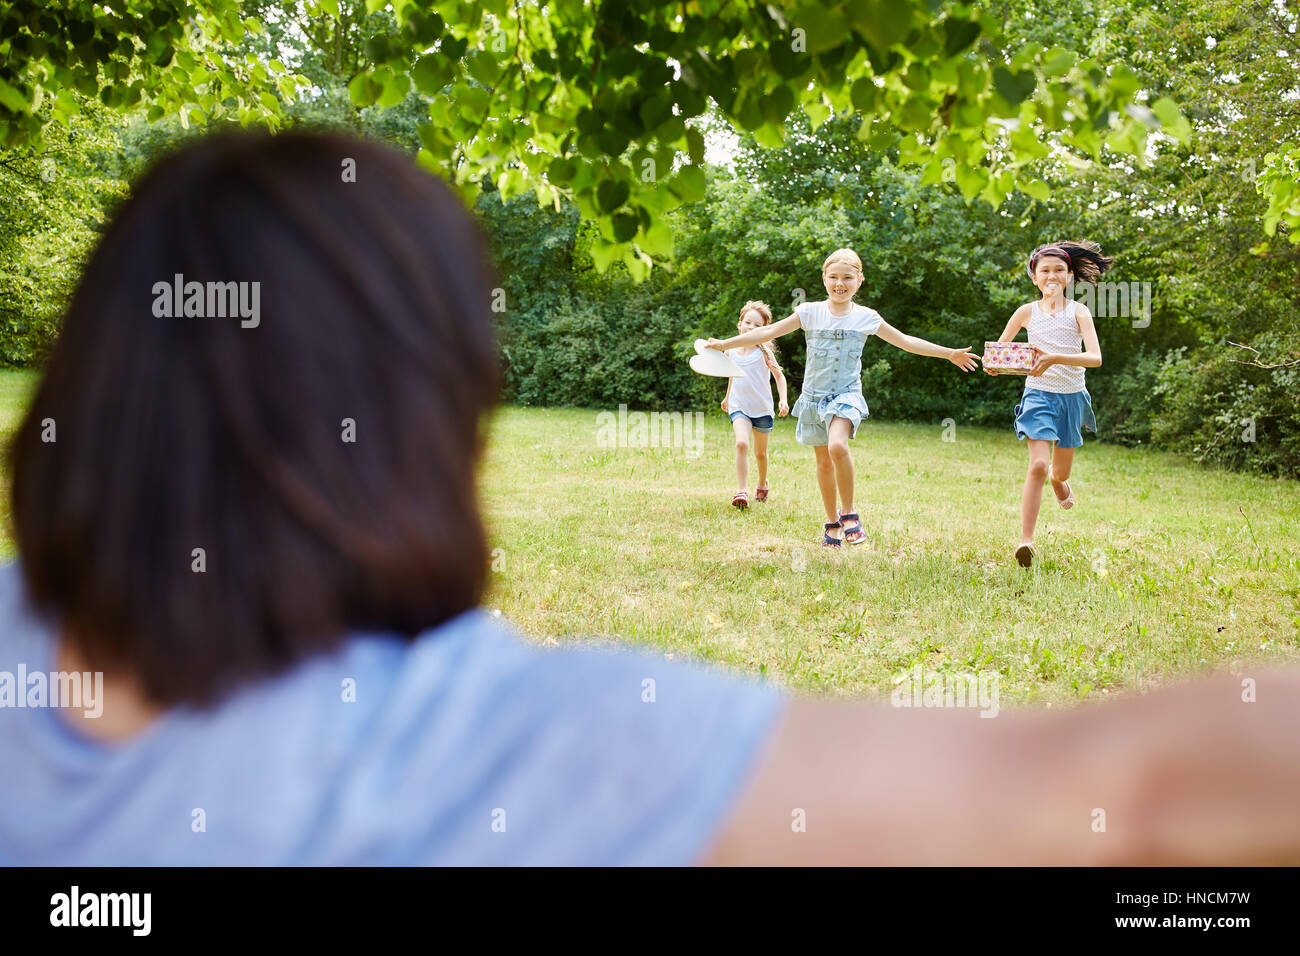 Niños corren a abrazar cumpleaños niño en su fiesta de cumpleaños Imagen De Stock